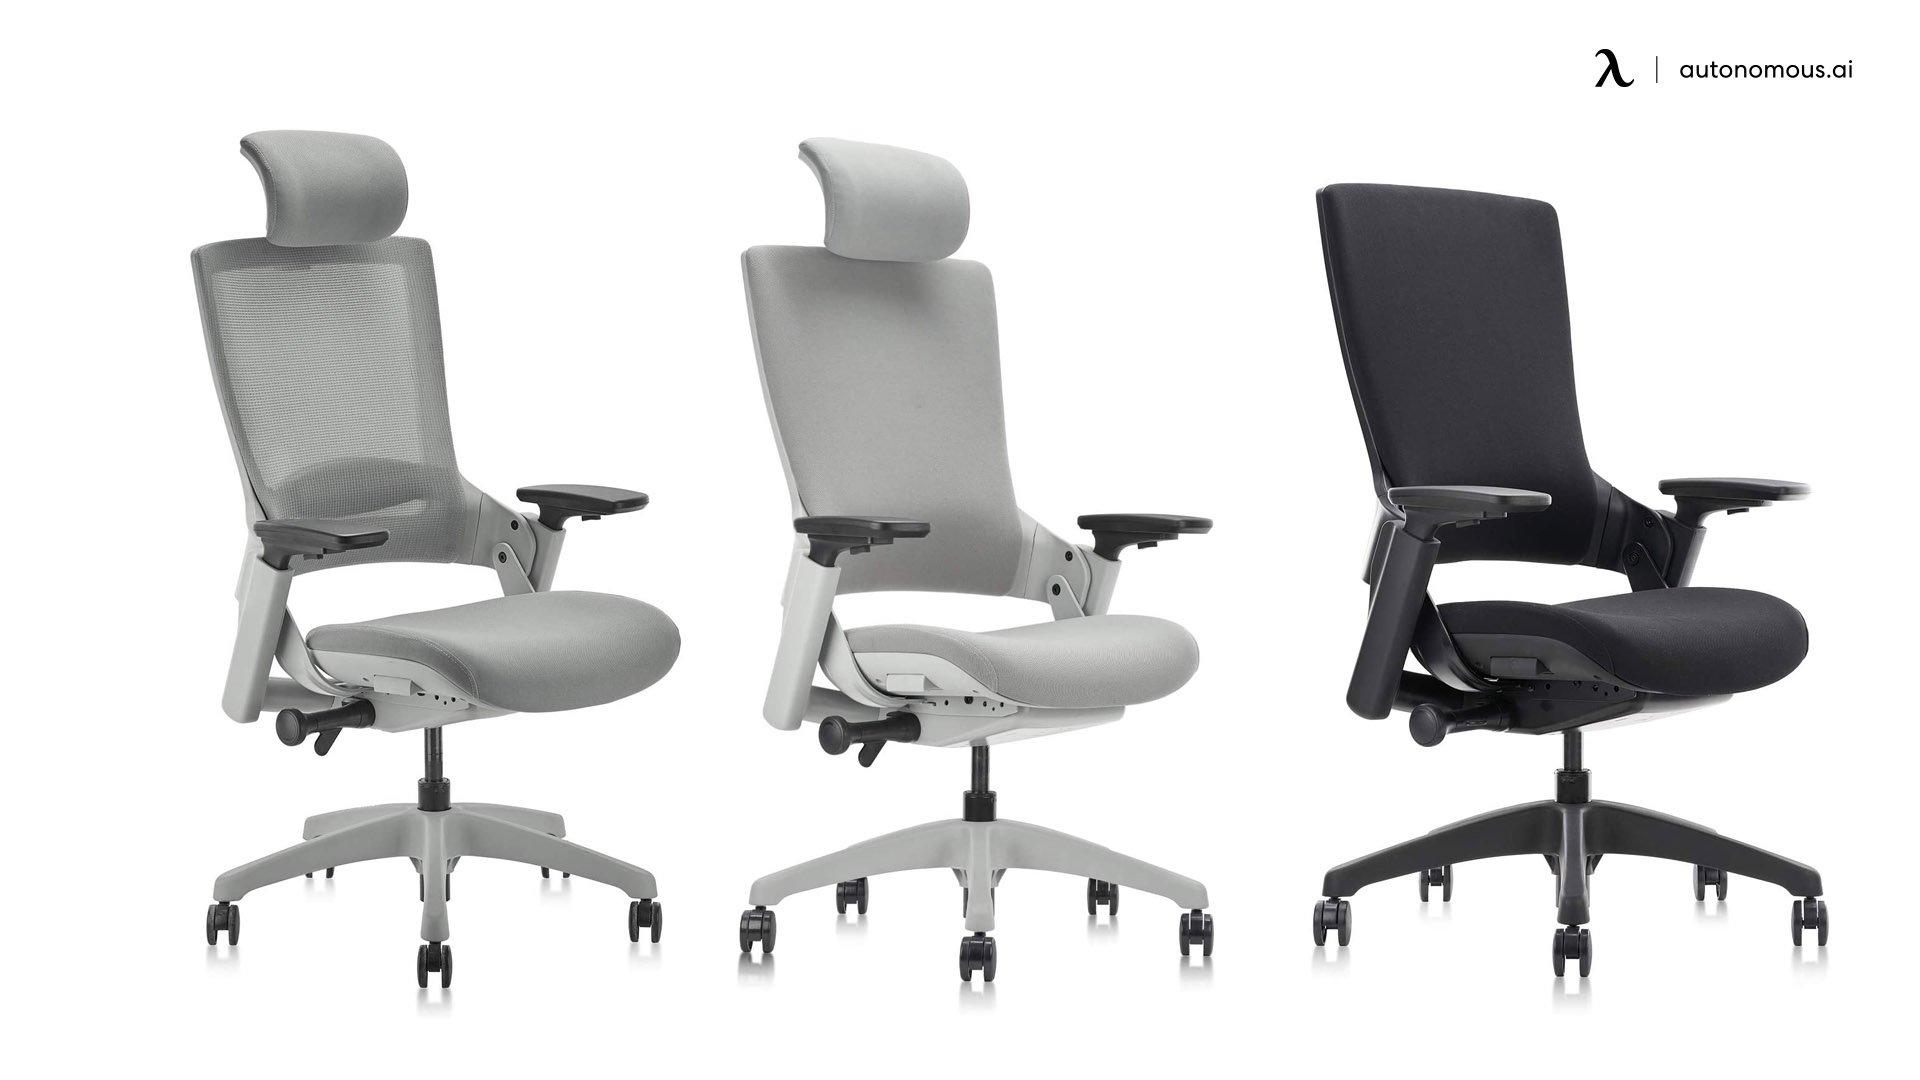 Clatina Ergonomic Executive Chair